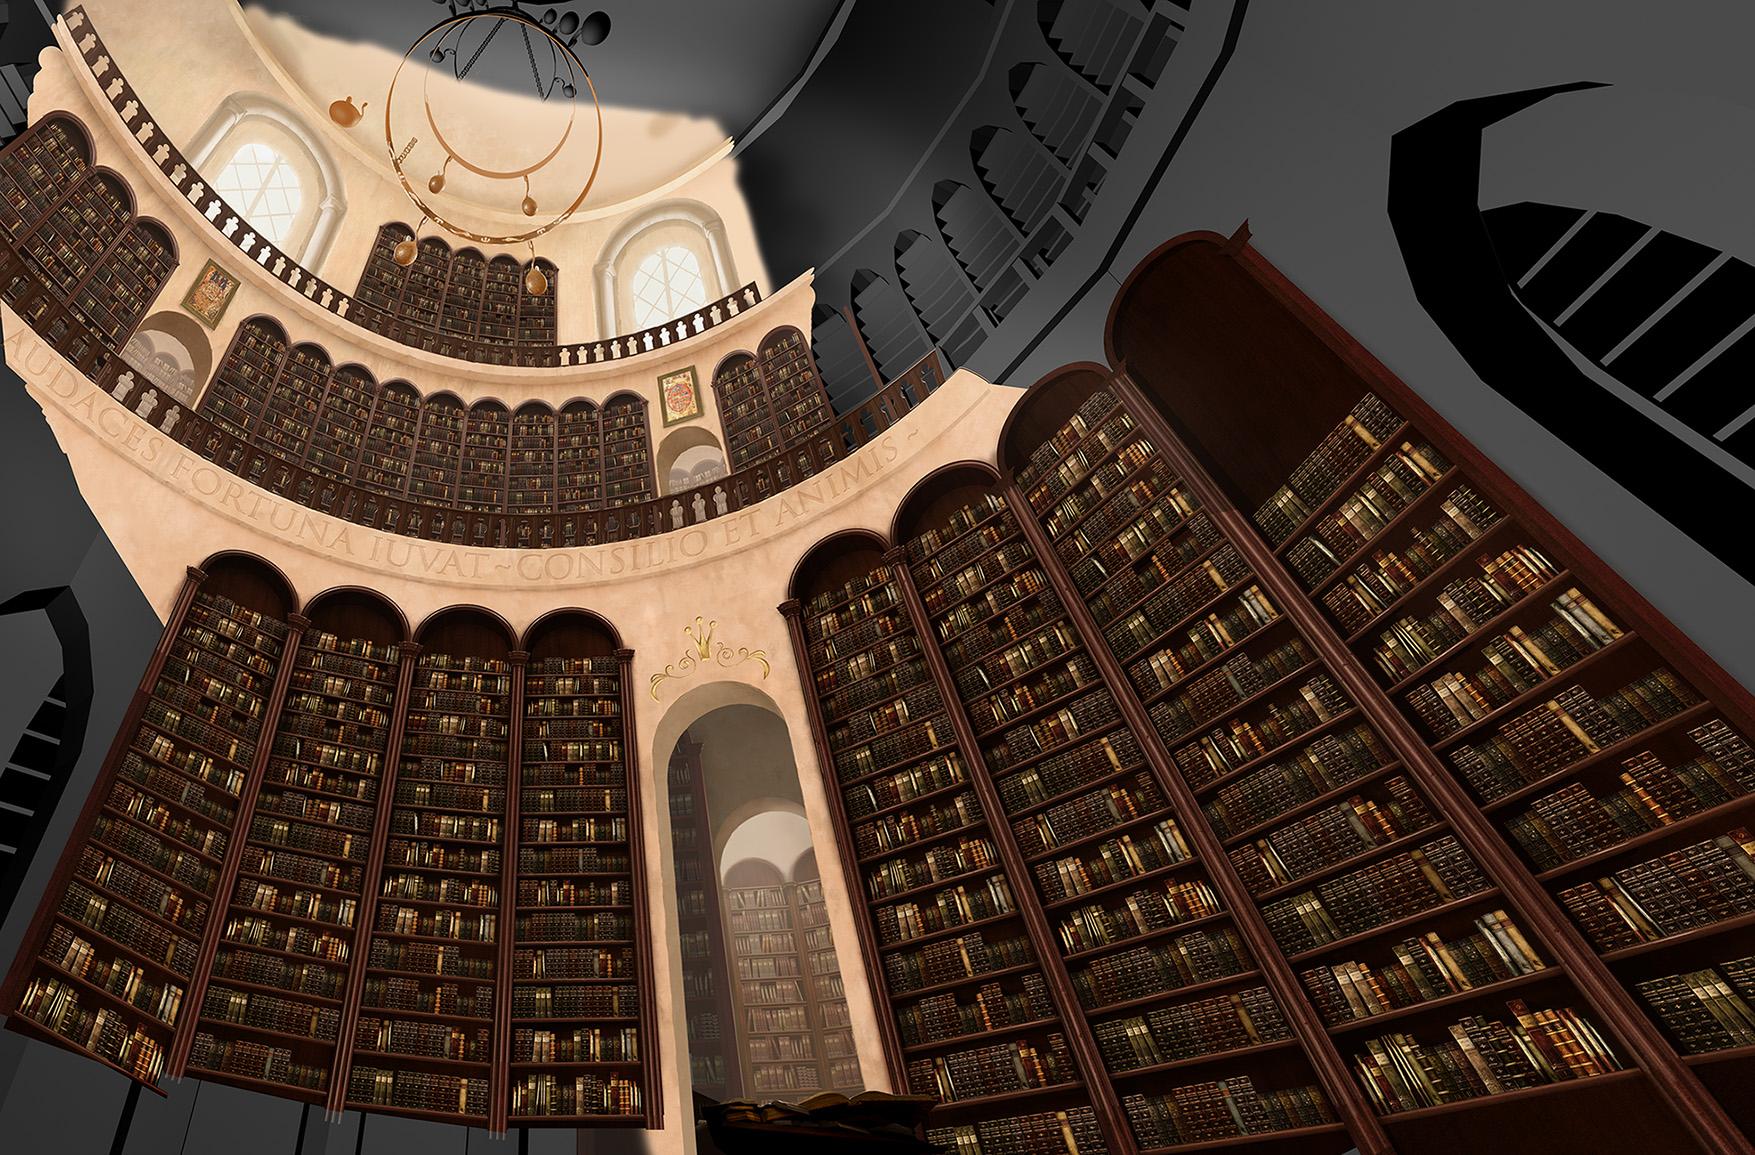 despereaux_library_fullsize.jpg